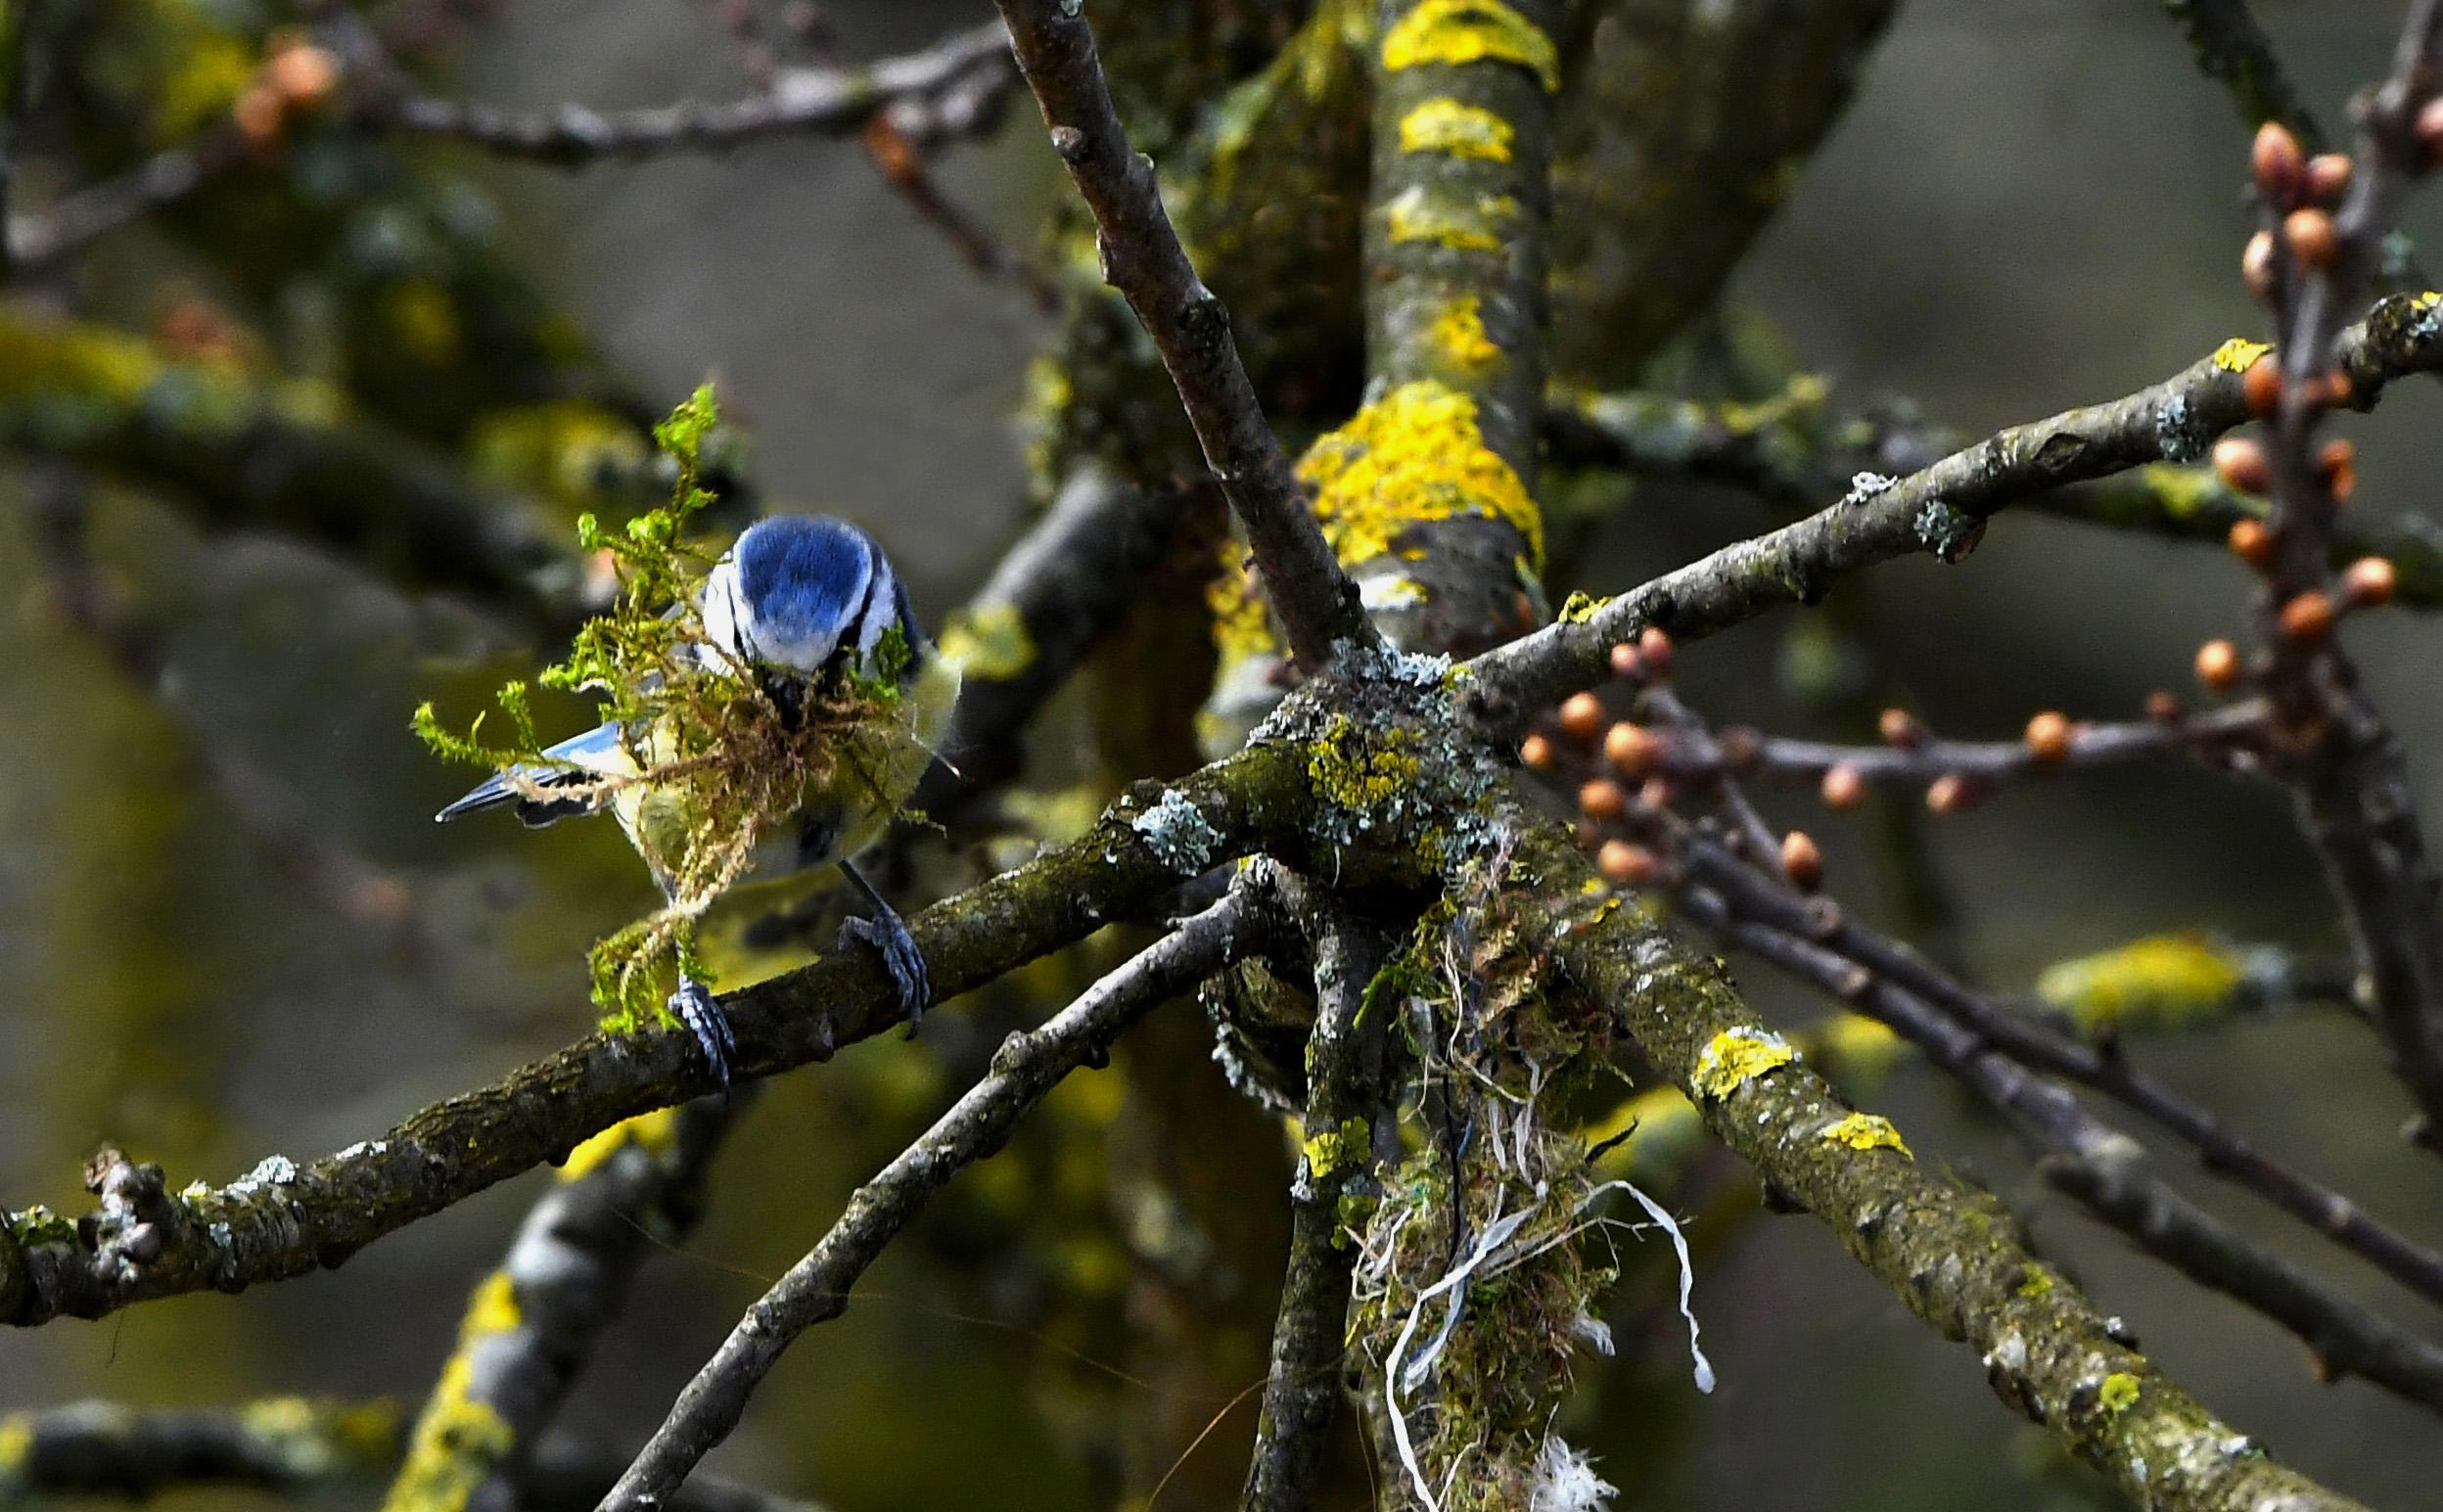 De pimpelmees is druk bezig met nestmateriaal te verzamelen, om een nestje te bouwen - Foto: ©Louis Fraanje